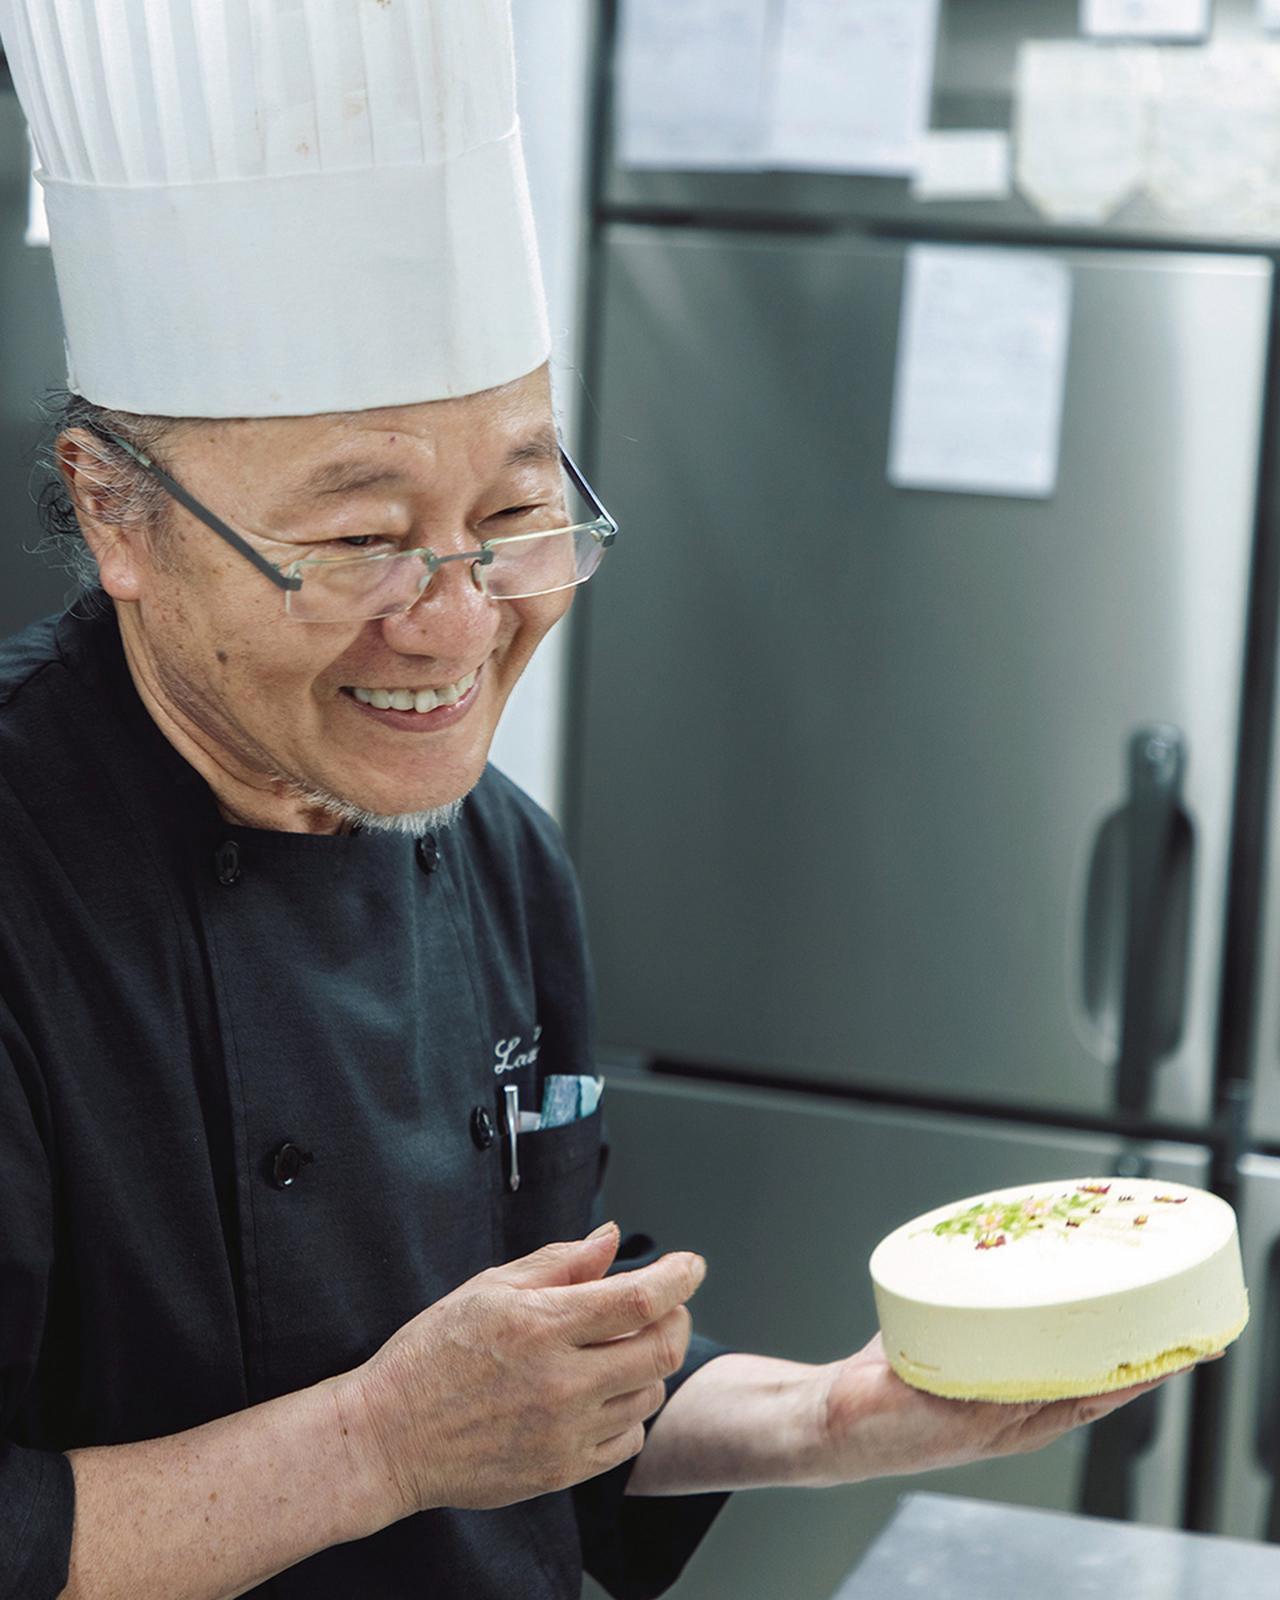 Images : 1番目の画像 - 「パーラー ローレルの 熟練職人が紡ぎだす 花のケーキの物語」のアルバム - T JAPAN:The New York Times Style Magazine 公式サイト